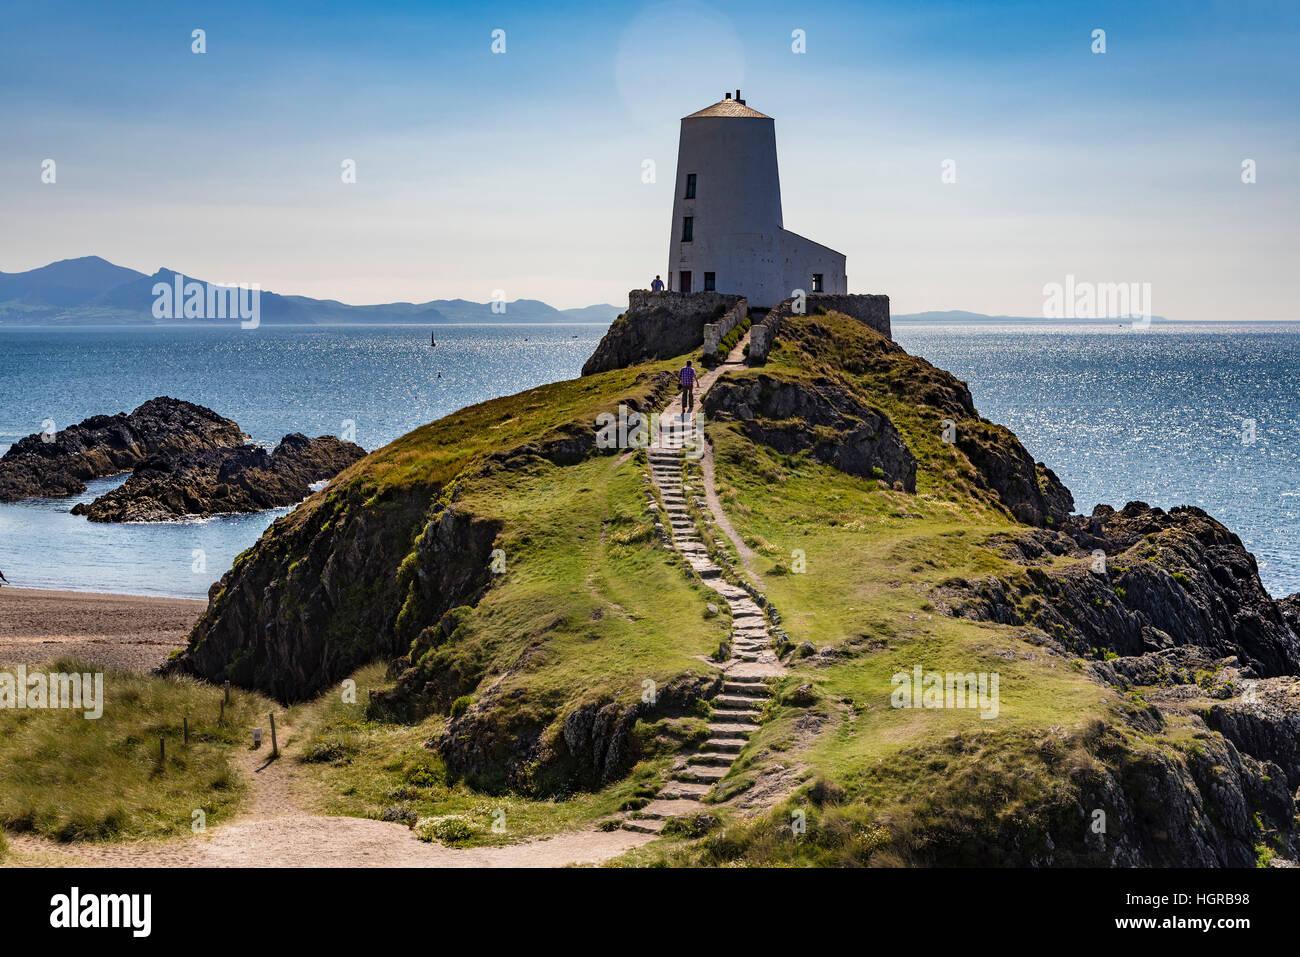 Llanddwyn Island North Wales